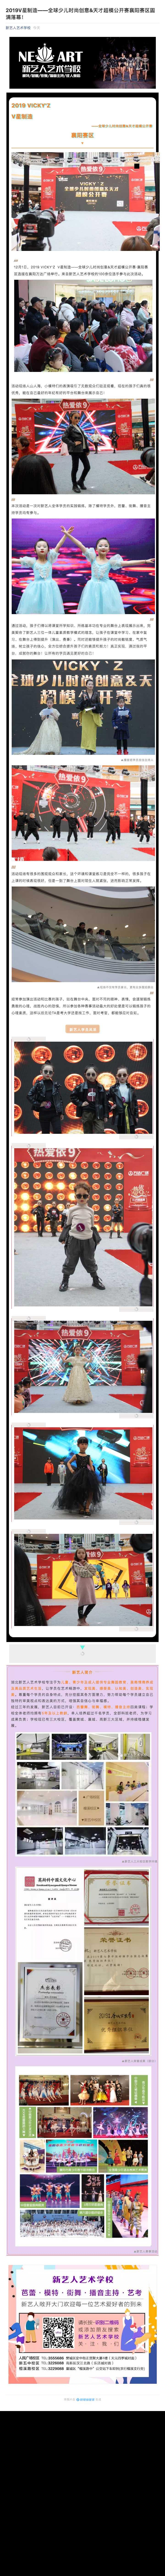 2019V星制造——全球少儿时尚创意&天才超模公开赛襄阳赛区圆满落幕!.png